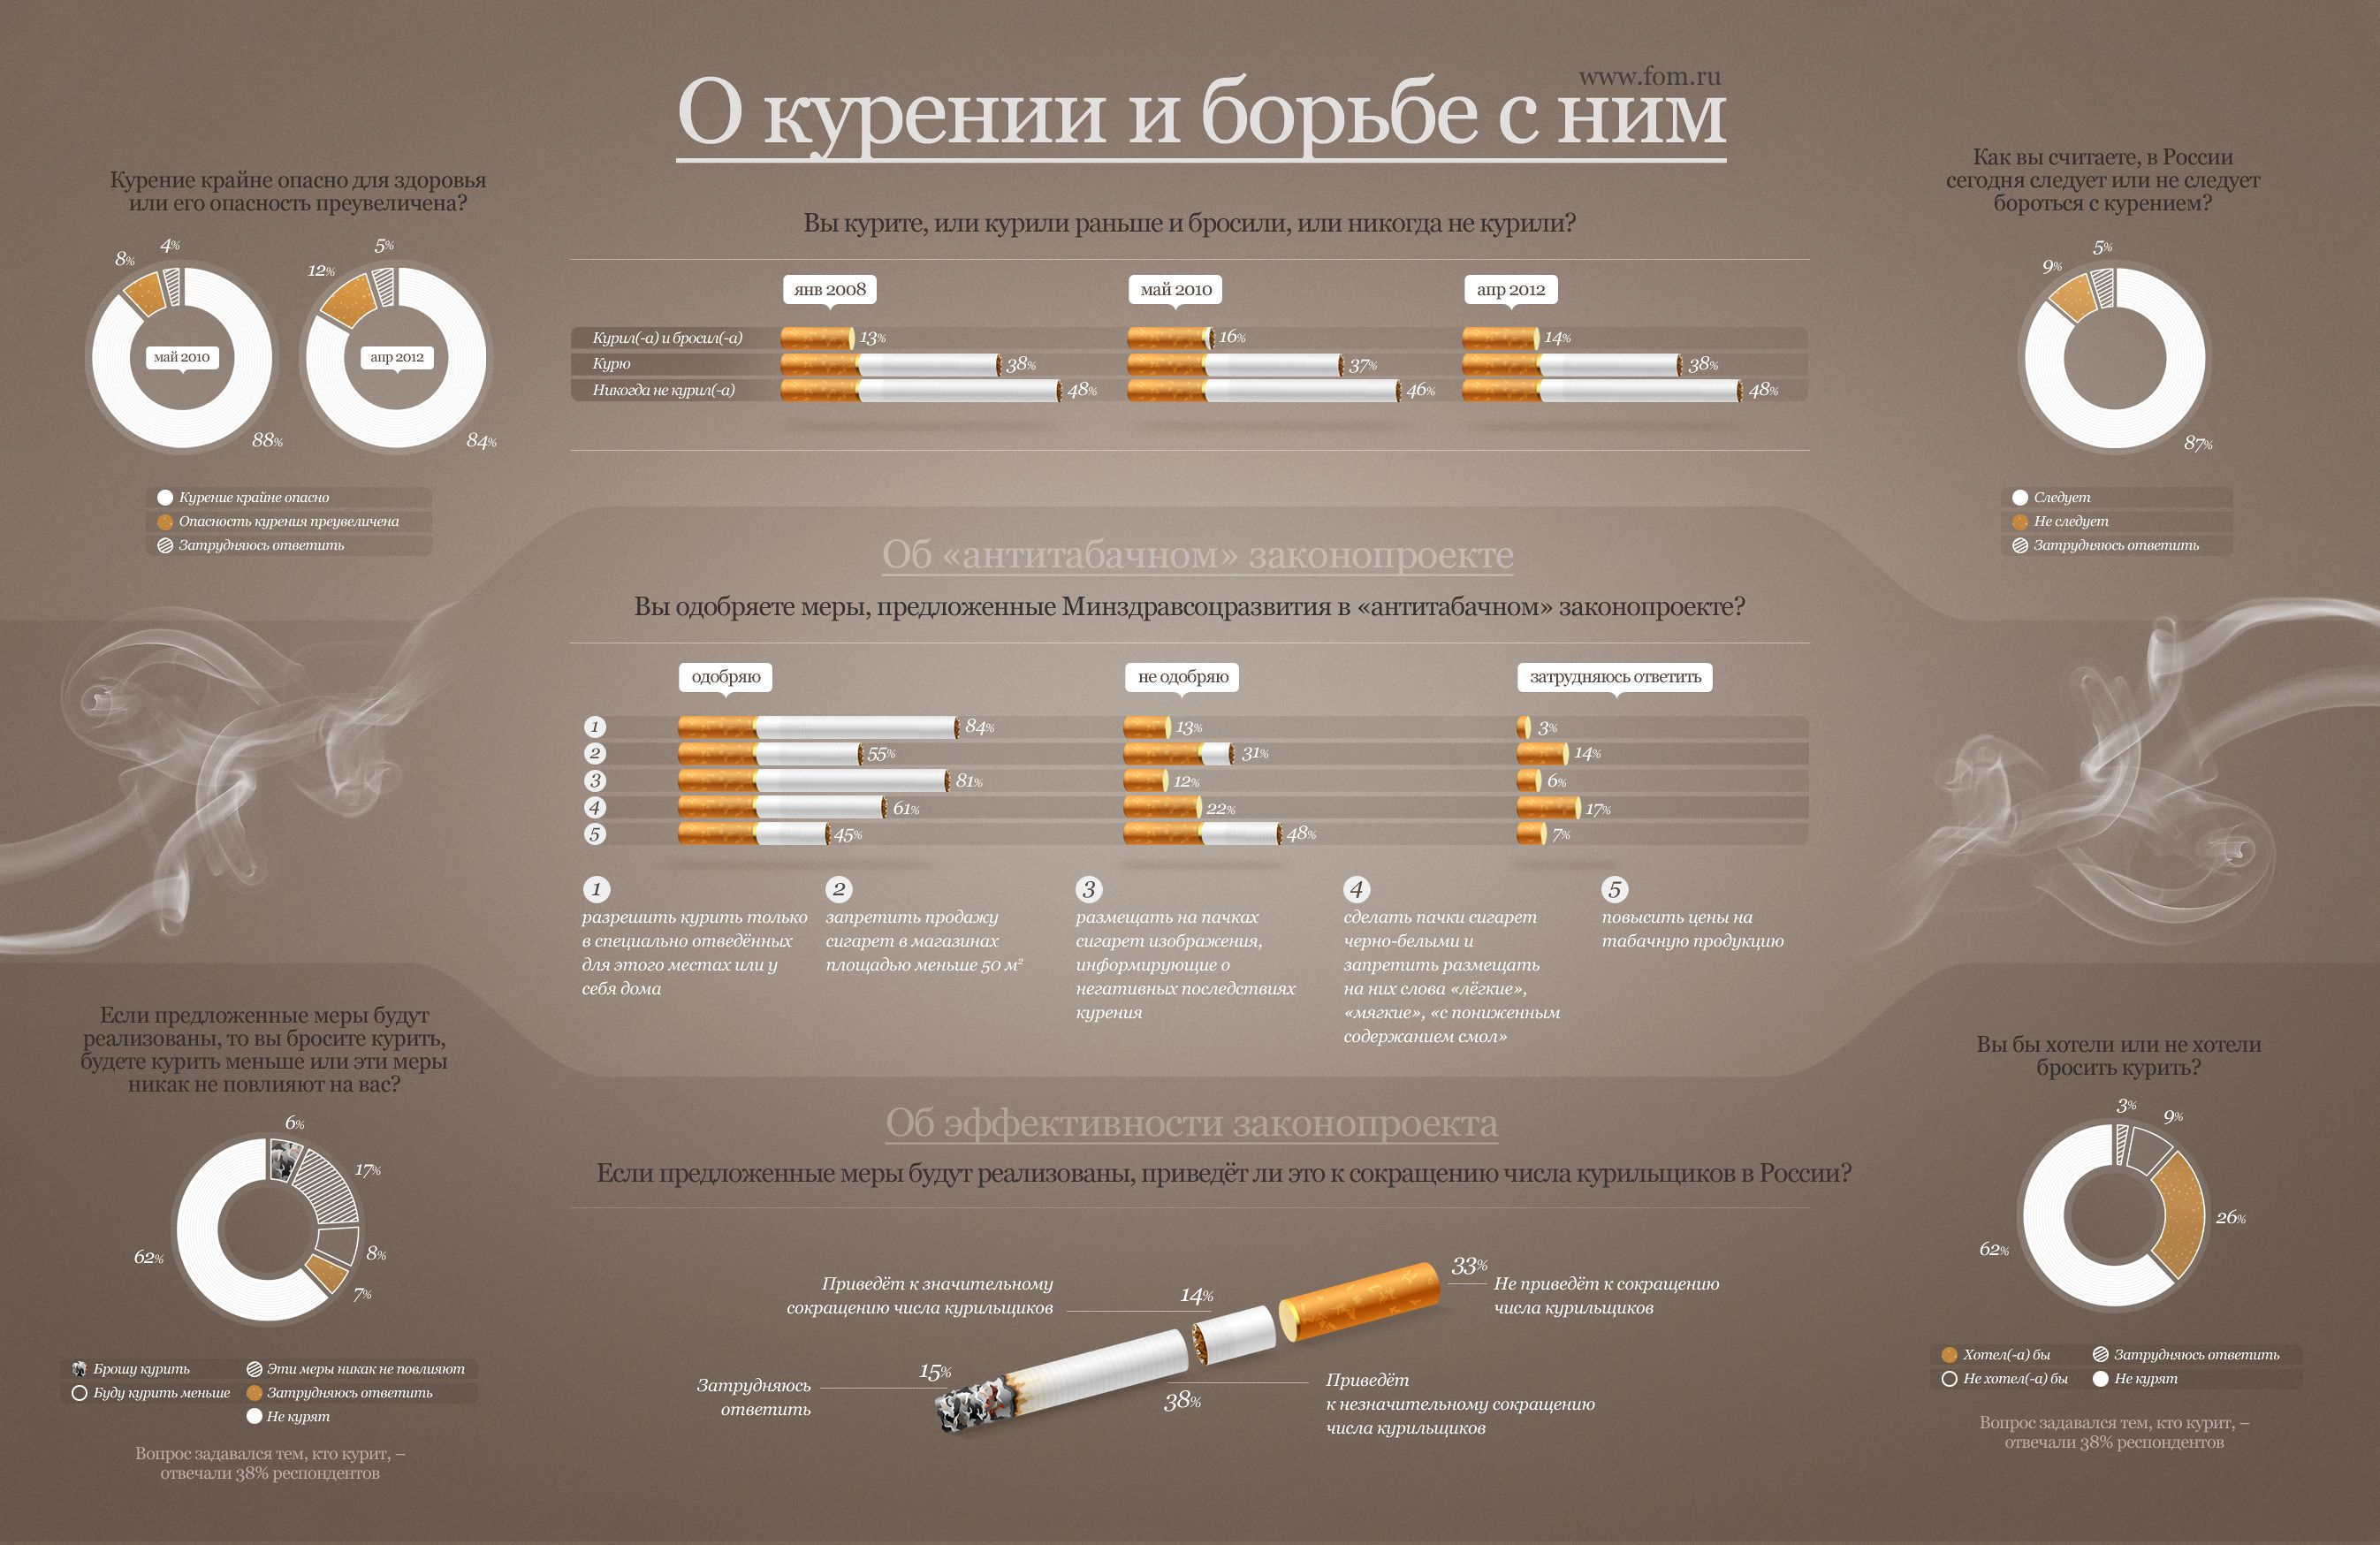 Инфографика о курении и борьбе с ним